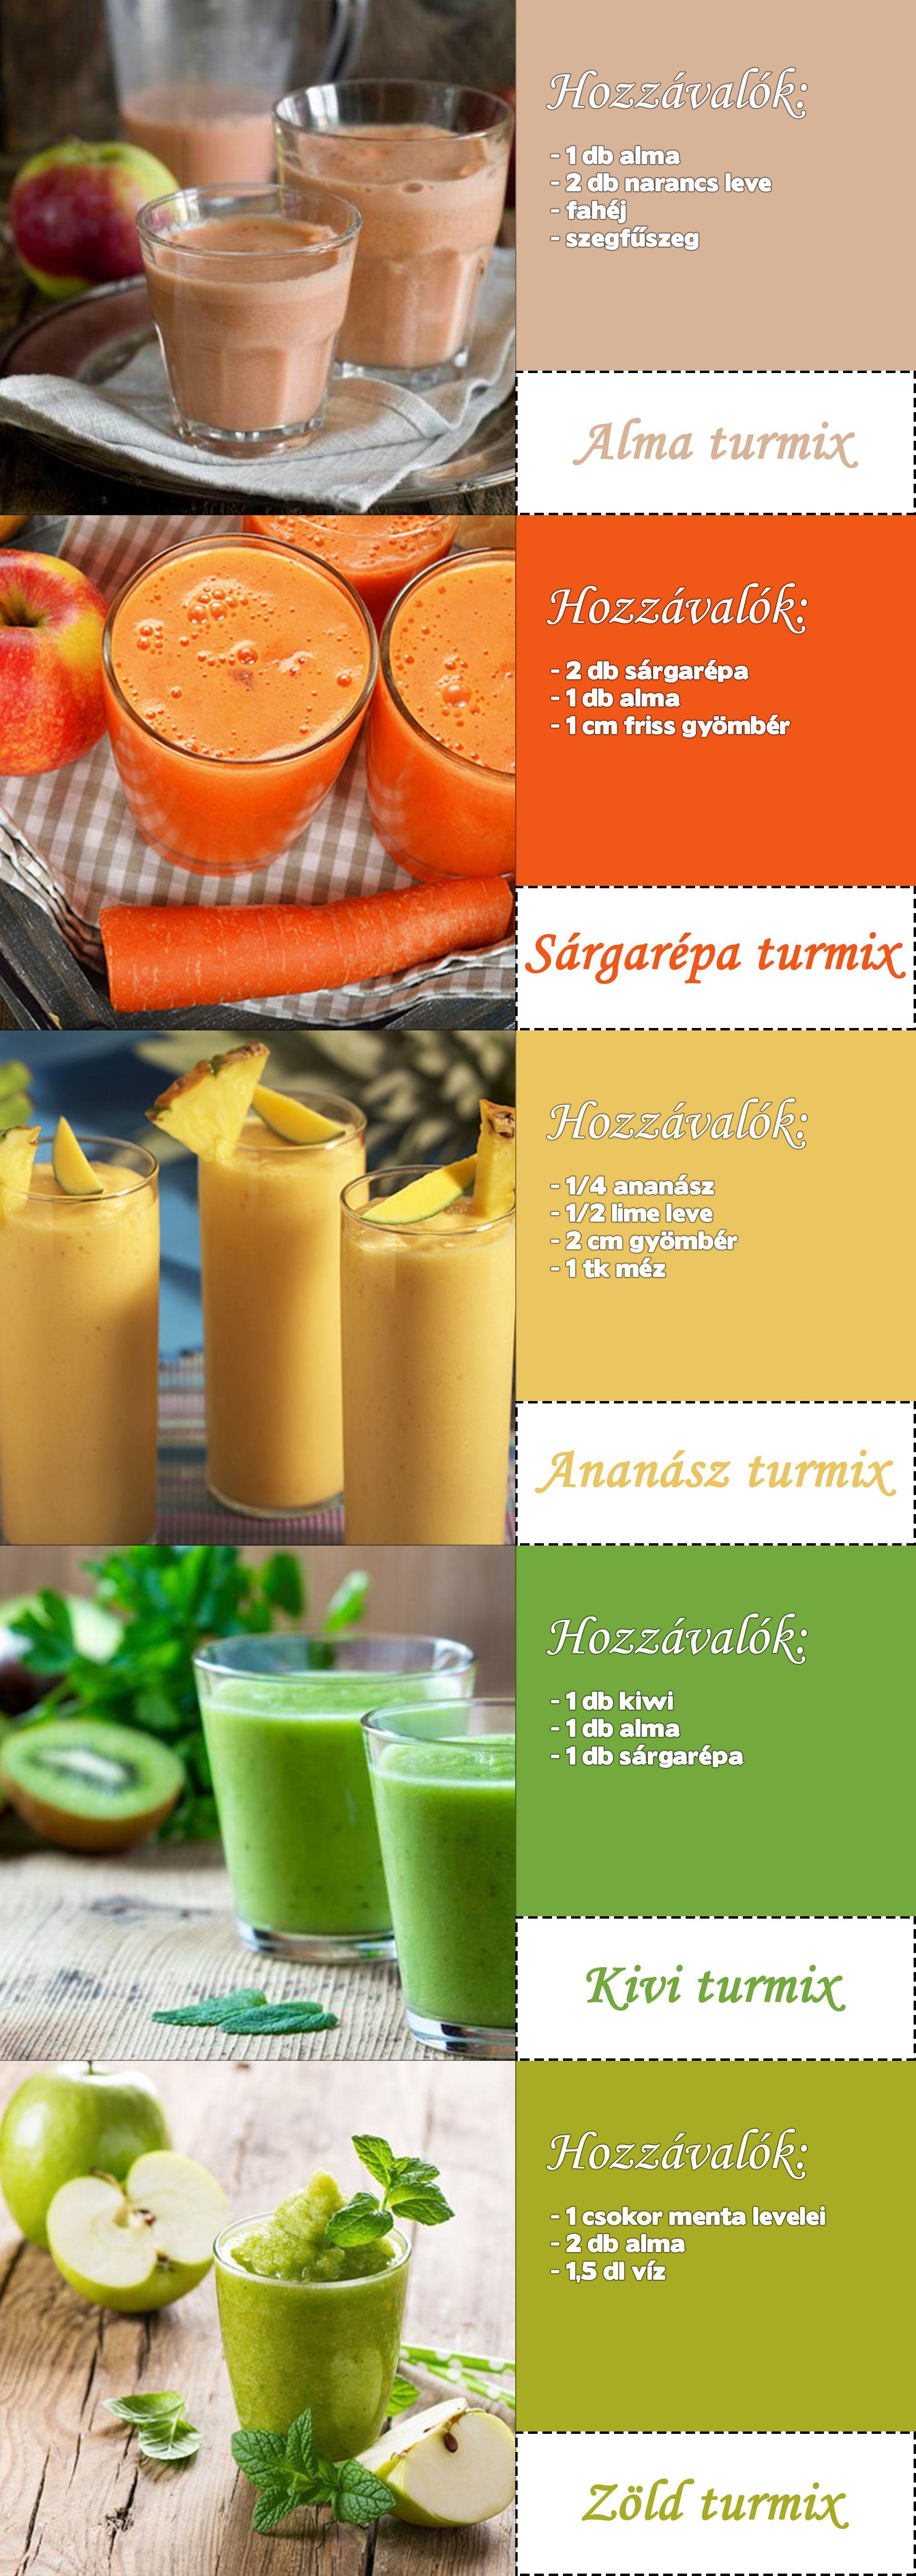 turmix méregtelenítő receptek